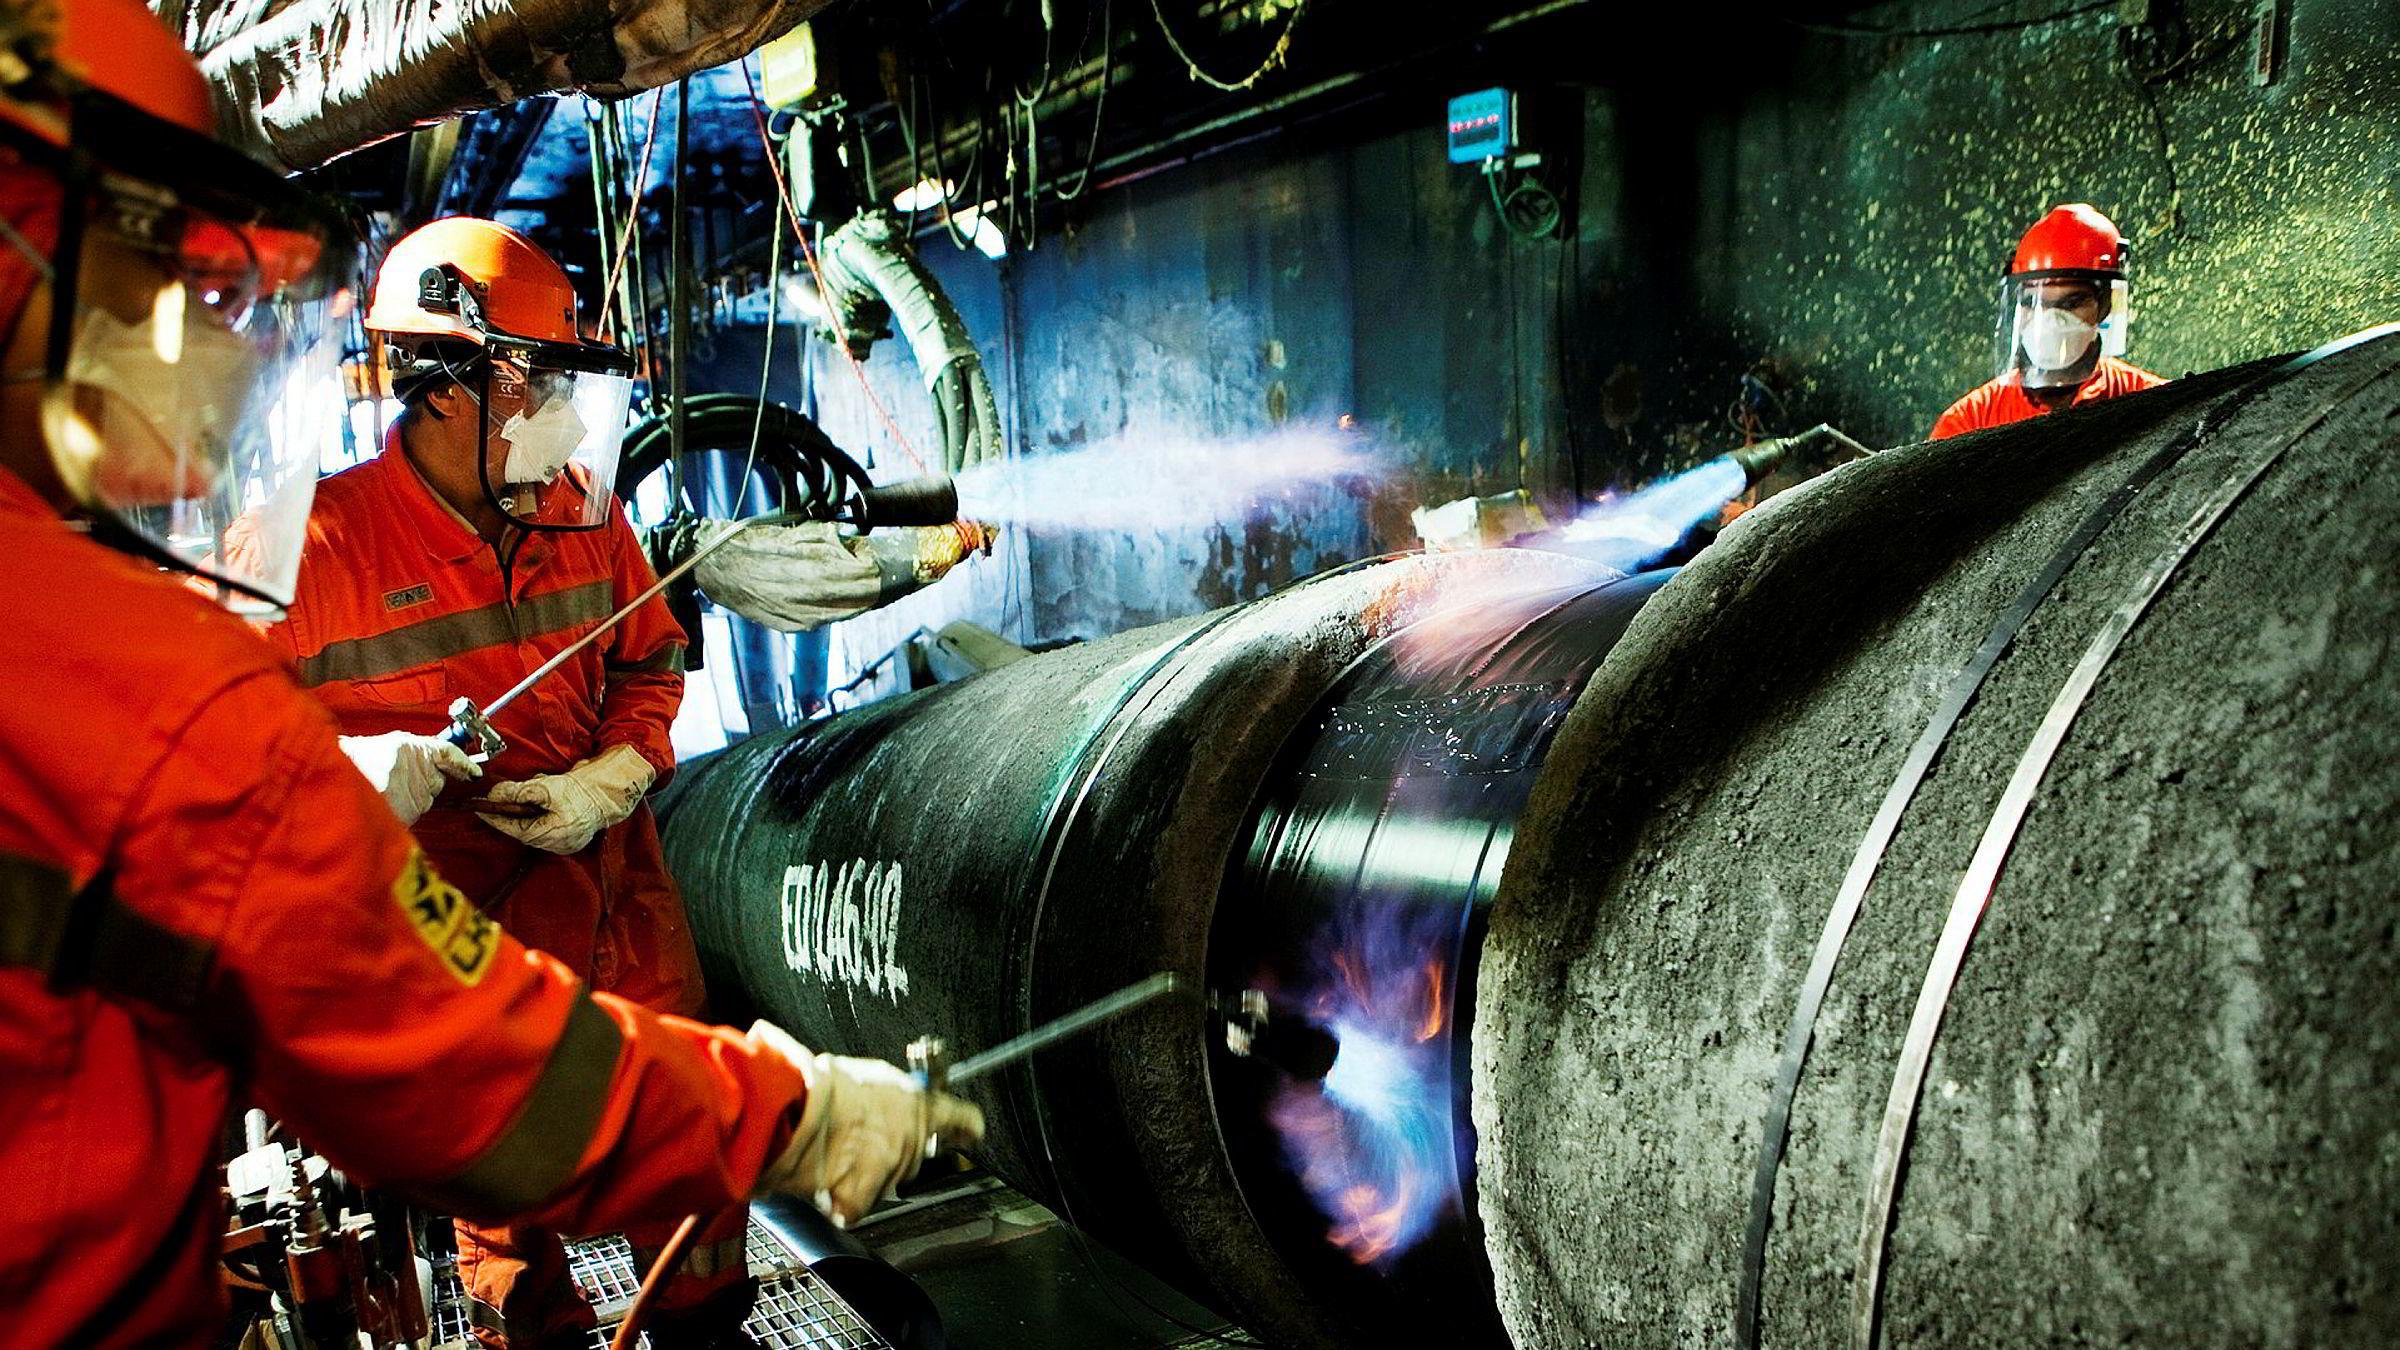 Arbeidere jobber med legging av Nord Stream-gassrørledningen i Østersjøen i 2011.